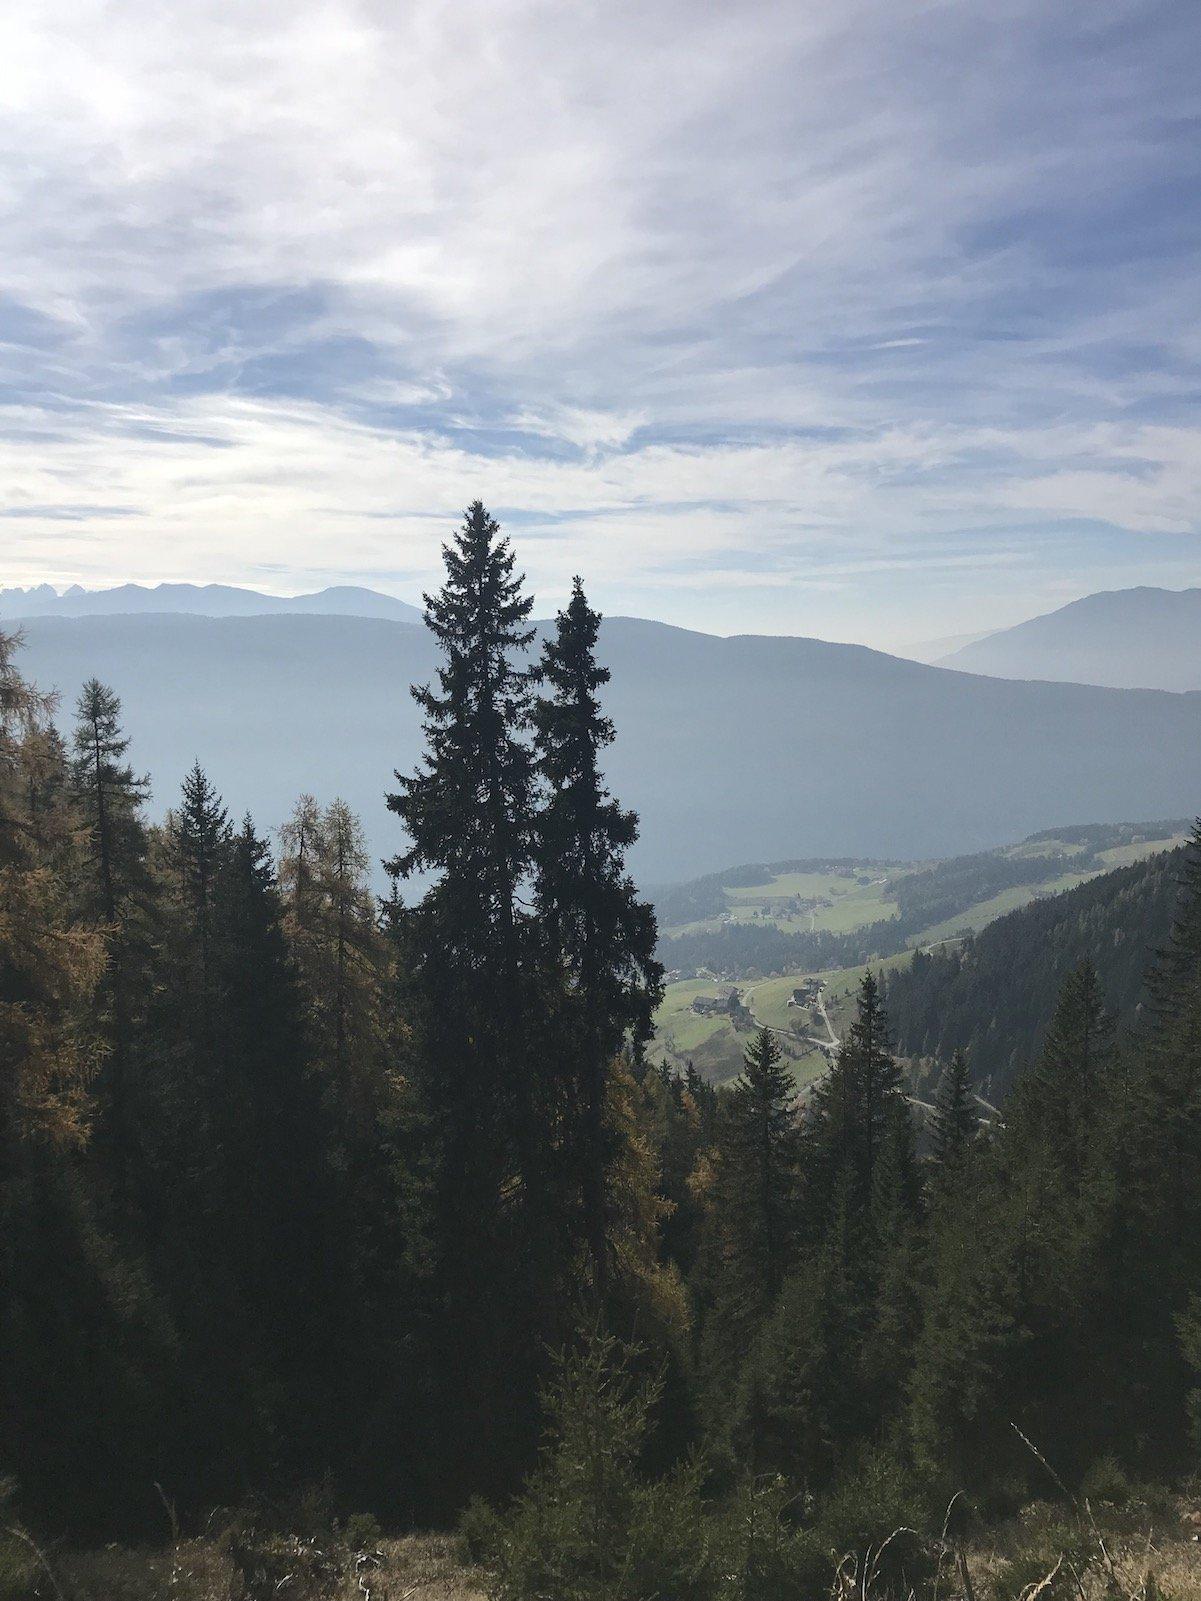 Nochmal ein Blick zurück in das Tal aus dem ich komme